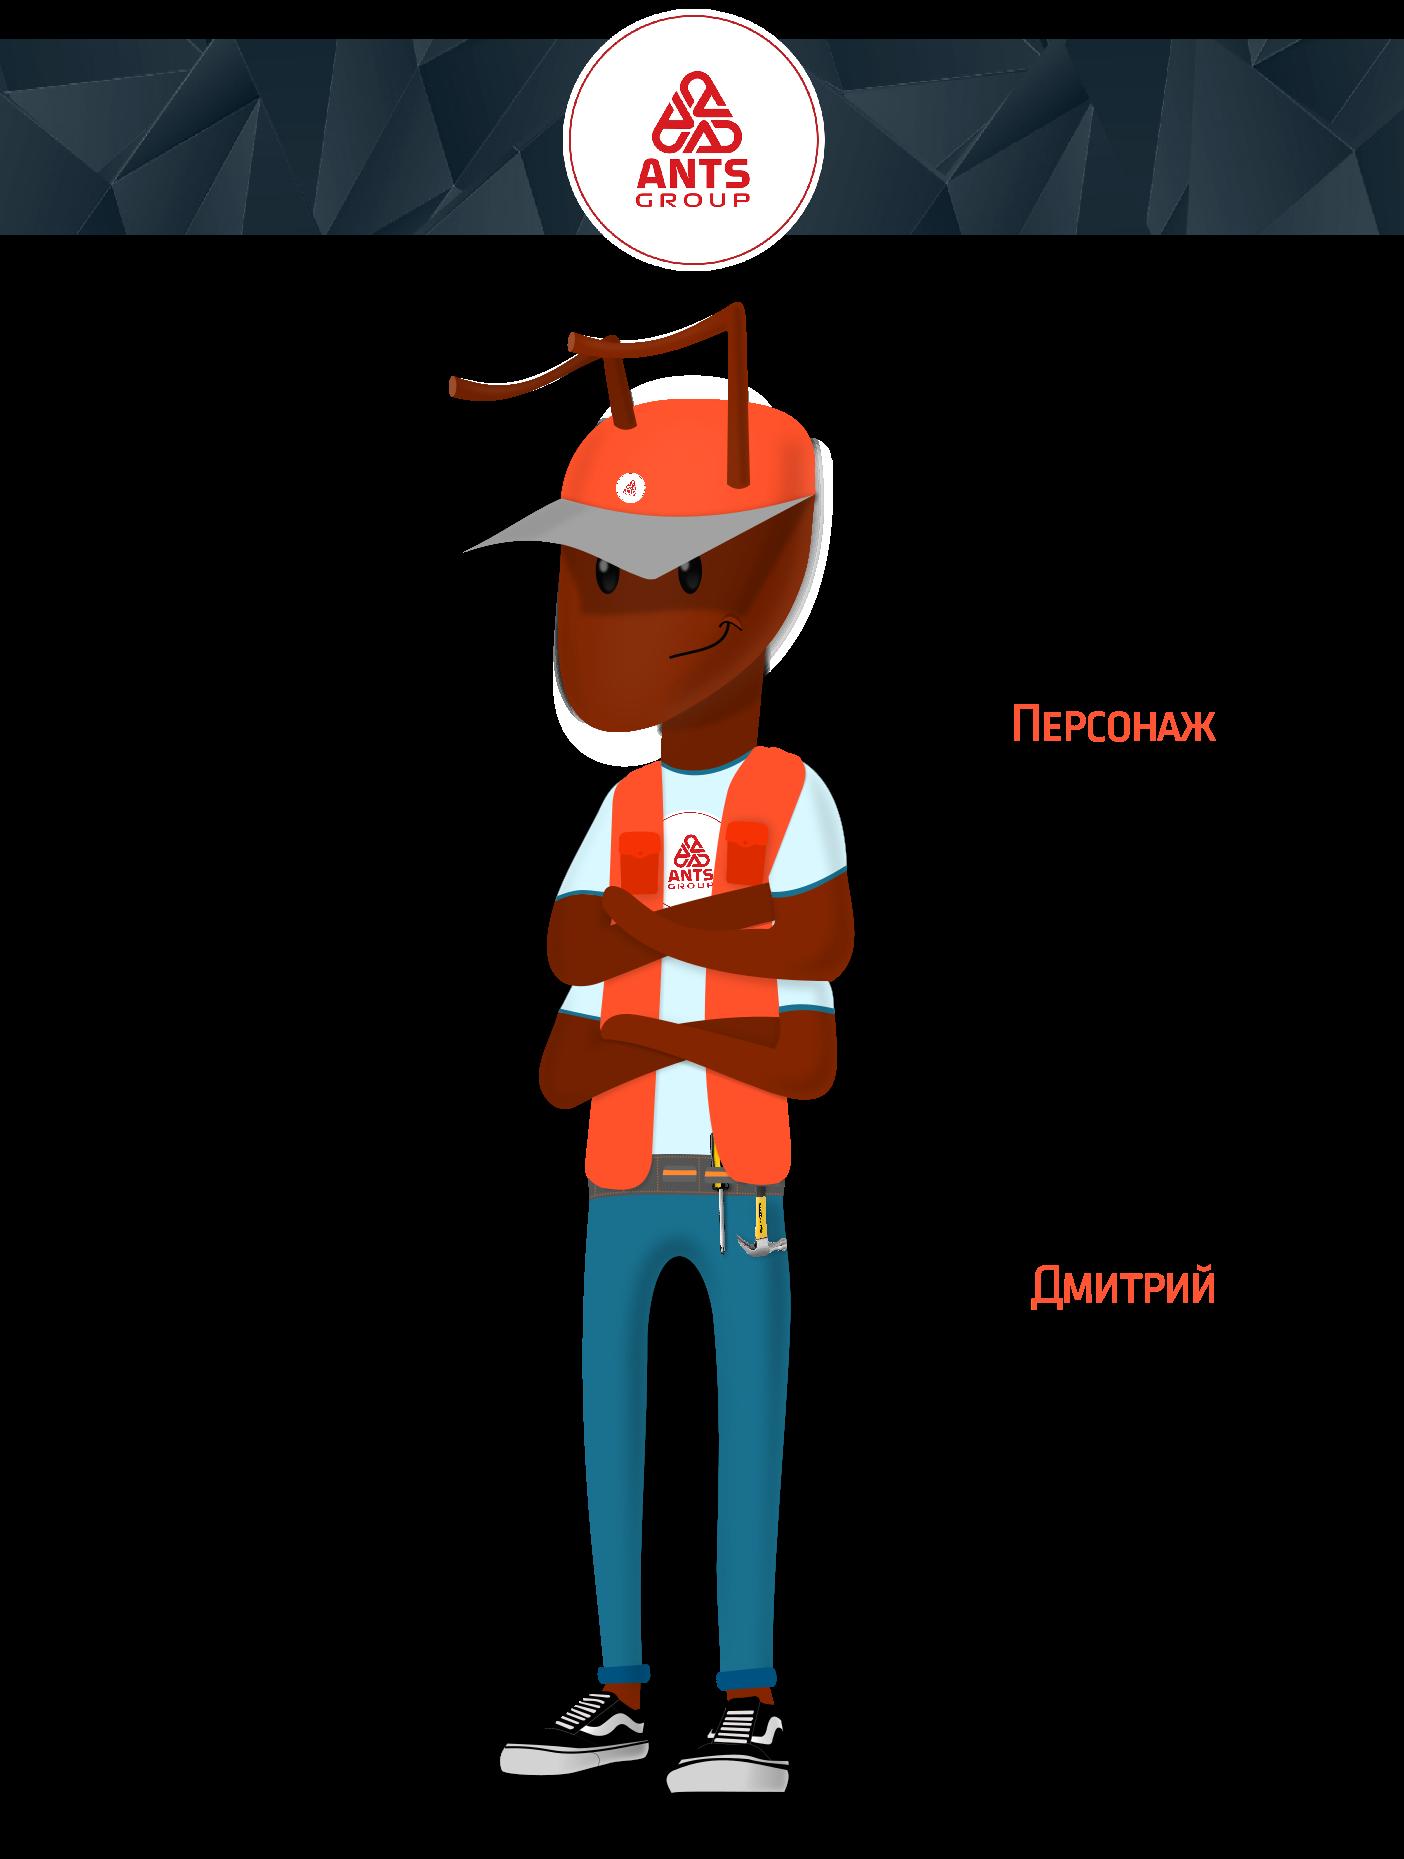 """Необходимо разработать дизайн персонажа """"Муравей"""" для сайта  фото f_714578d24d1706fe.png"""